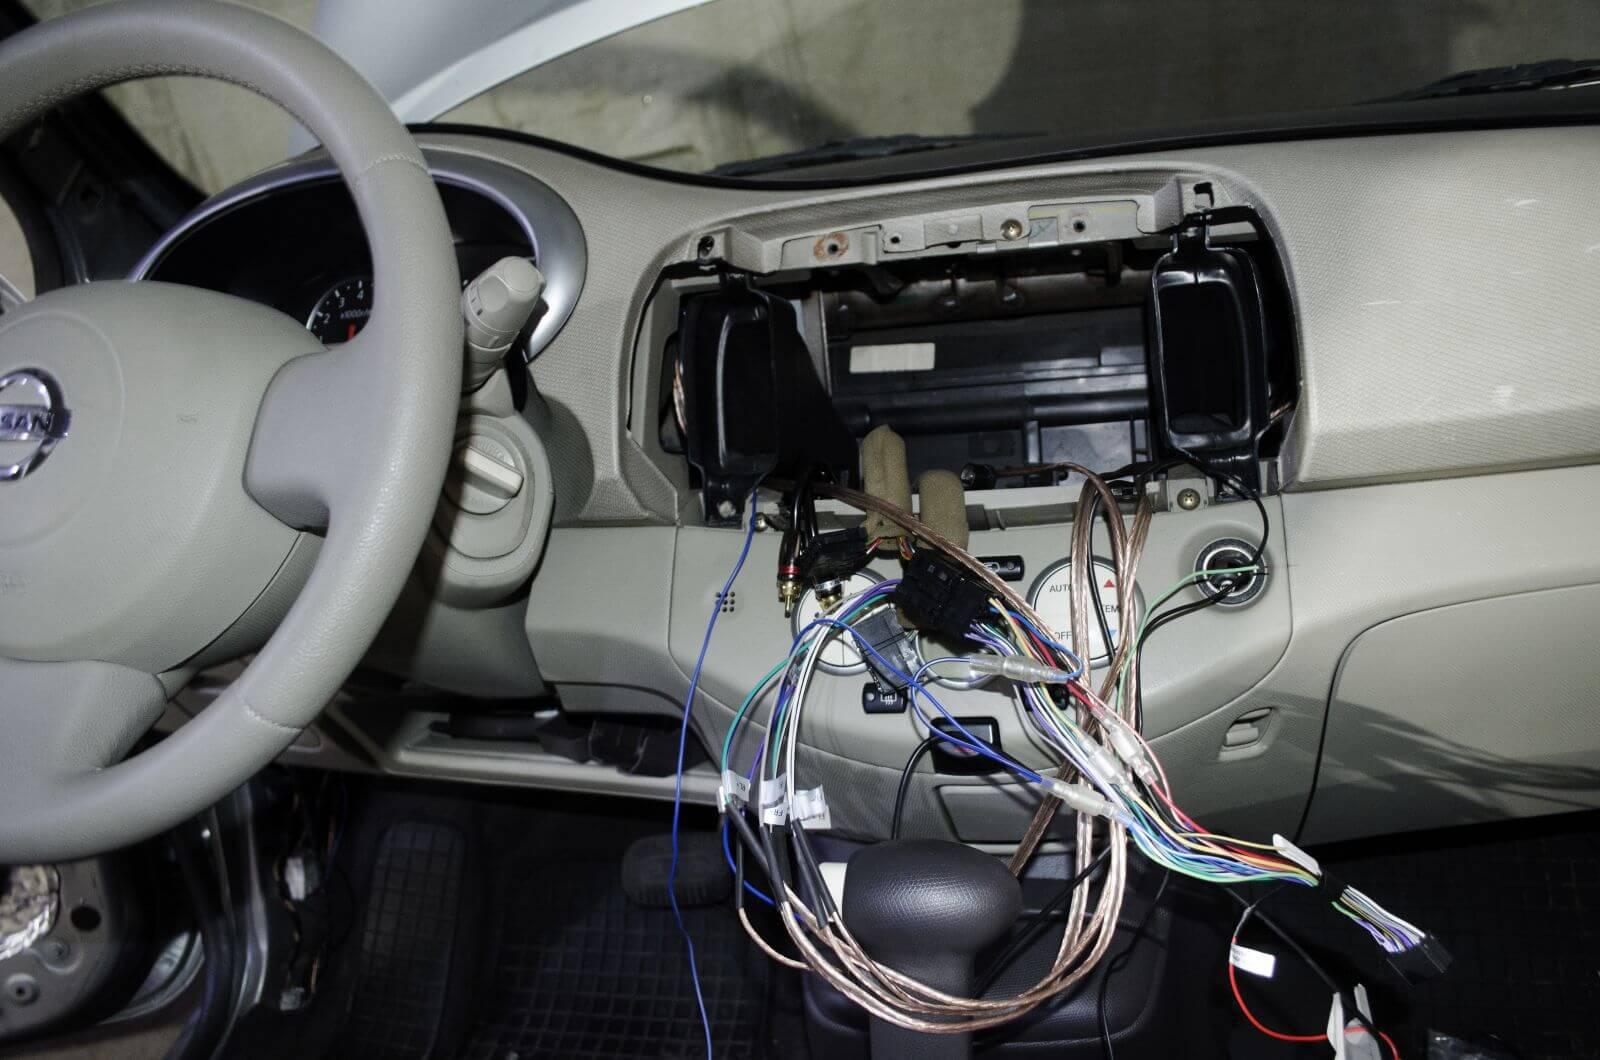 Процесс настройки автомагнитолы в автомобиле